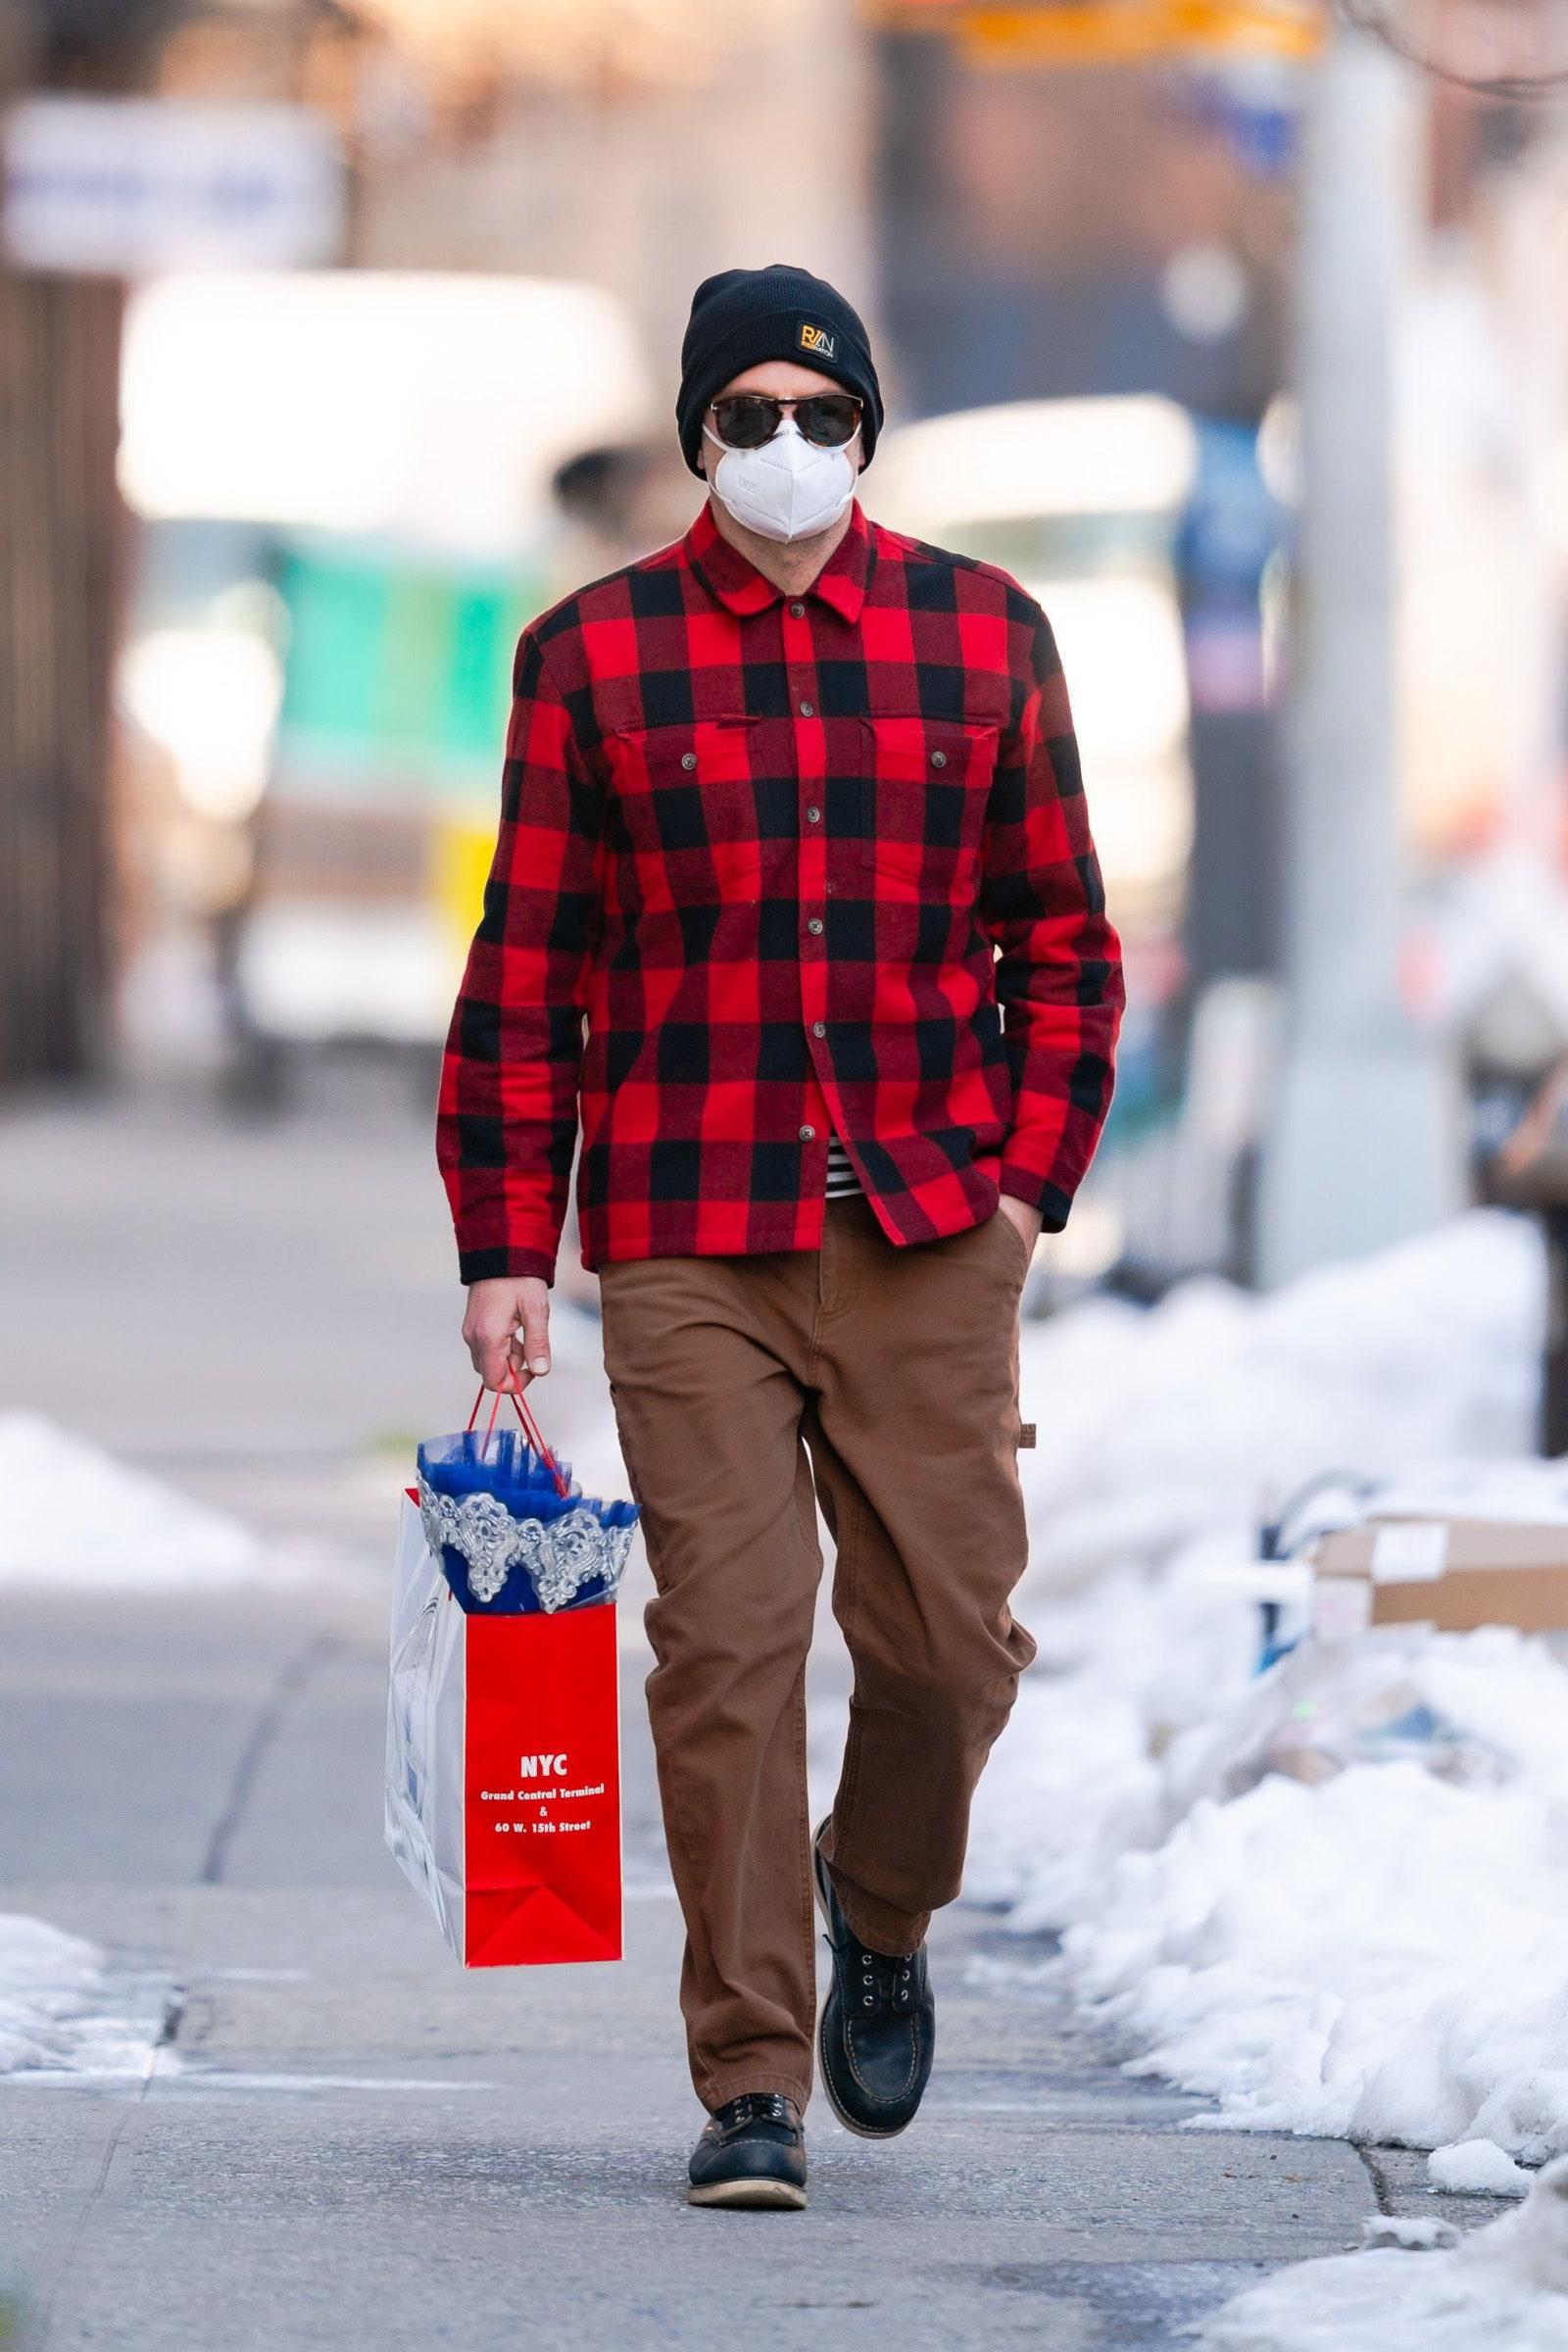 Bradley Cooper in New York February 10 2021.